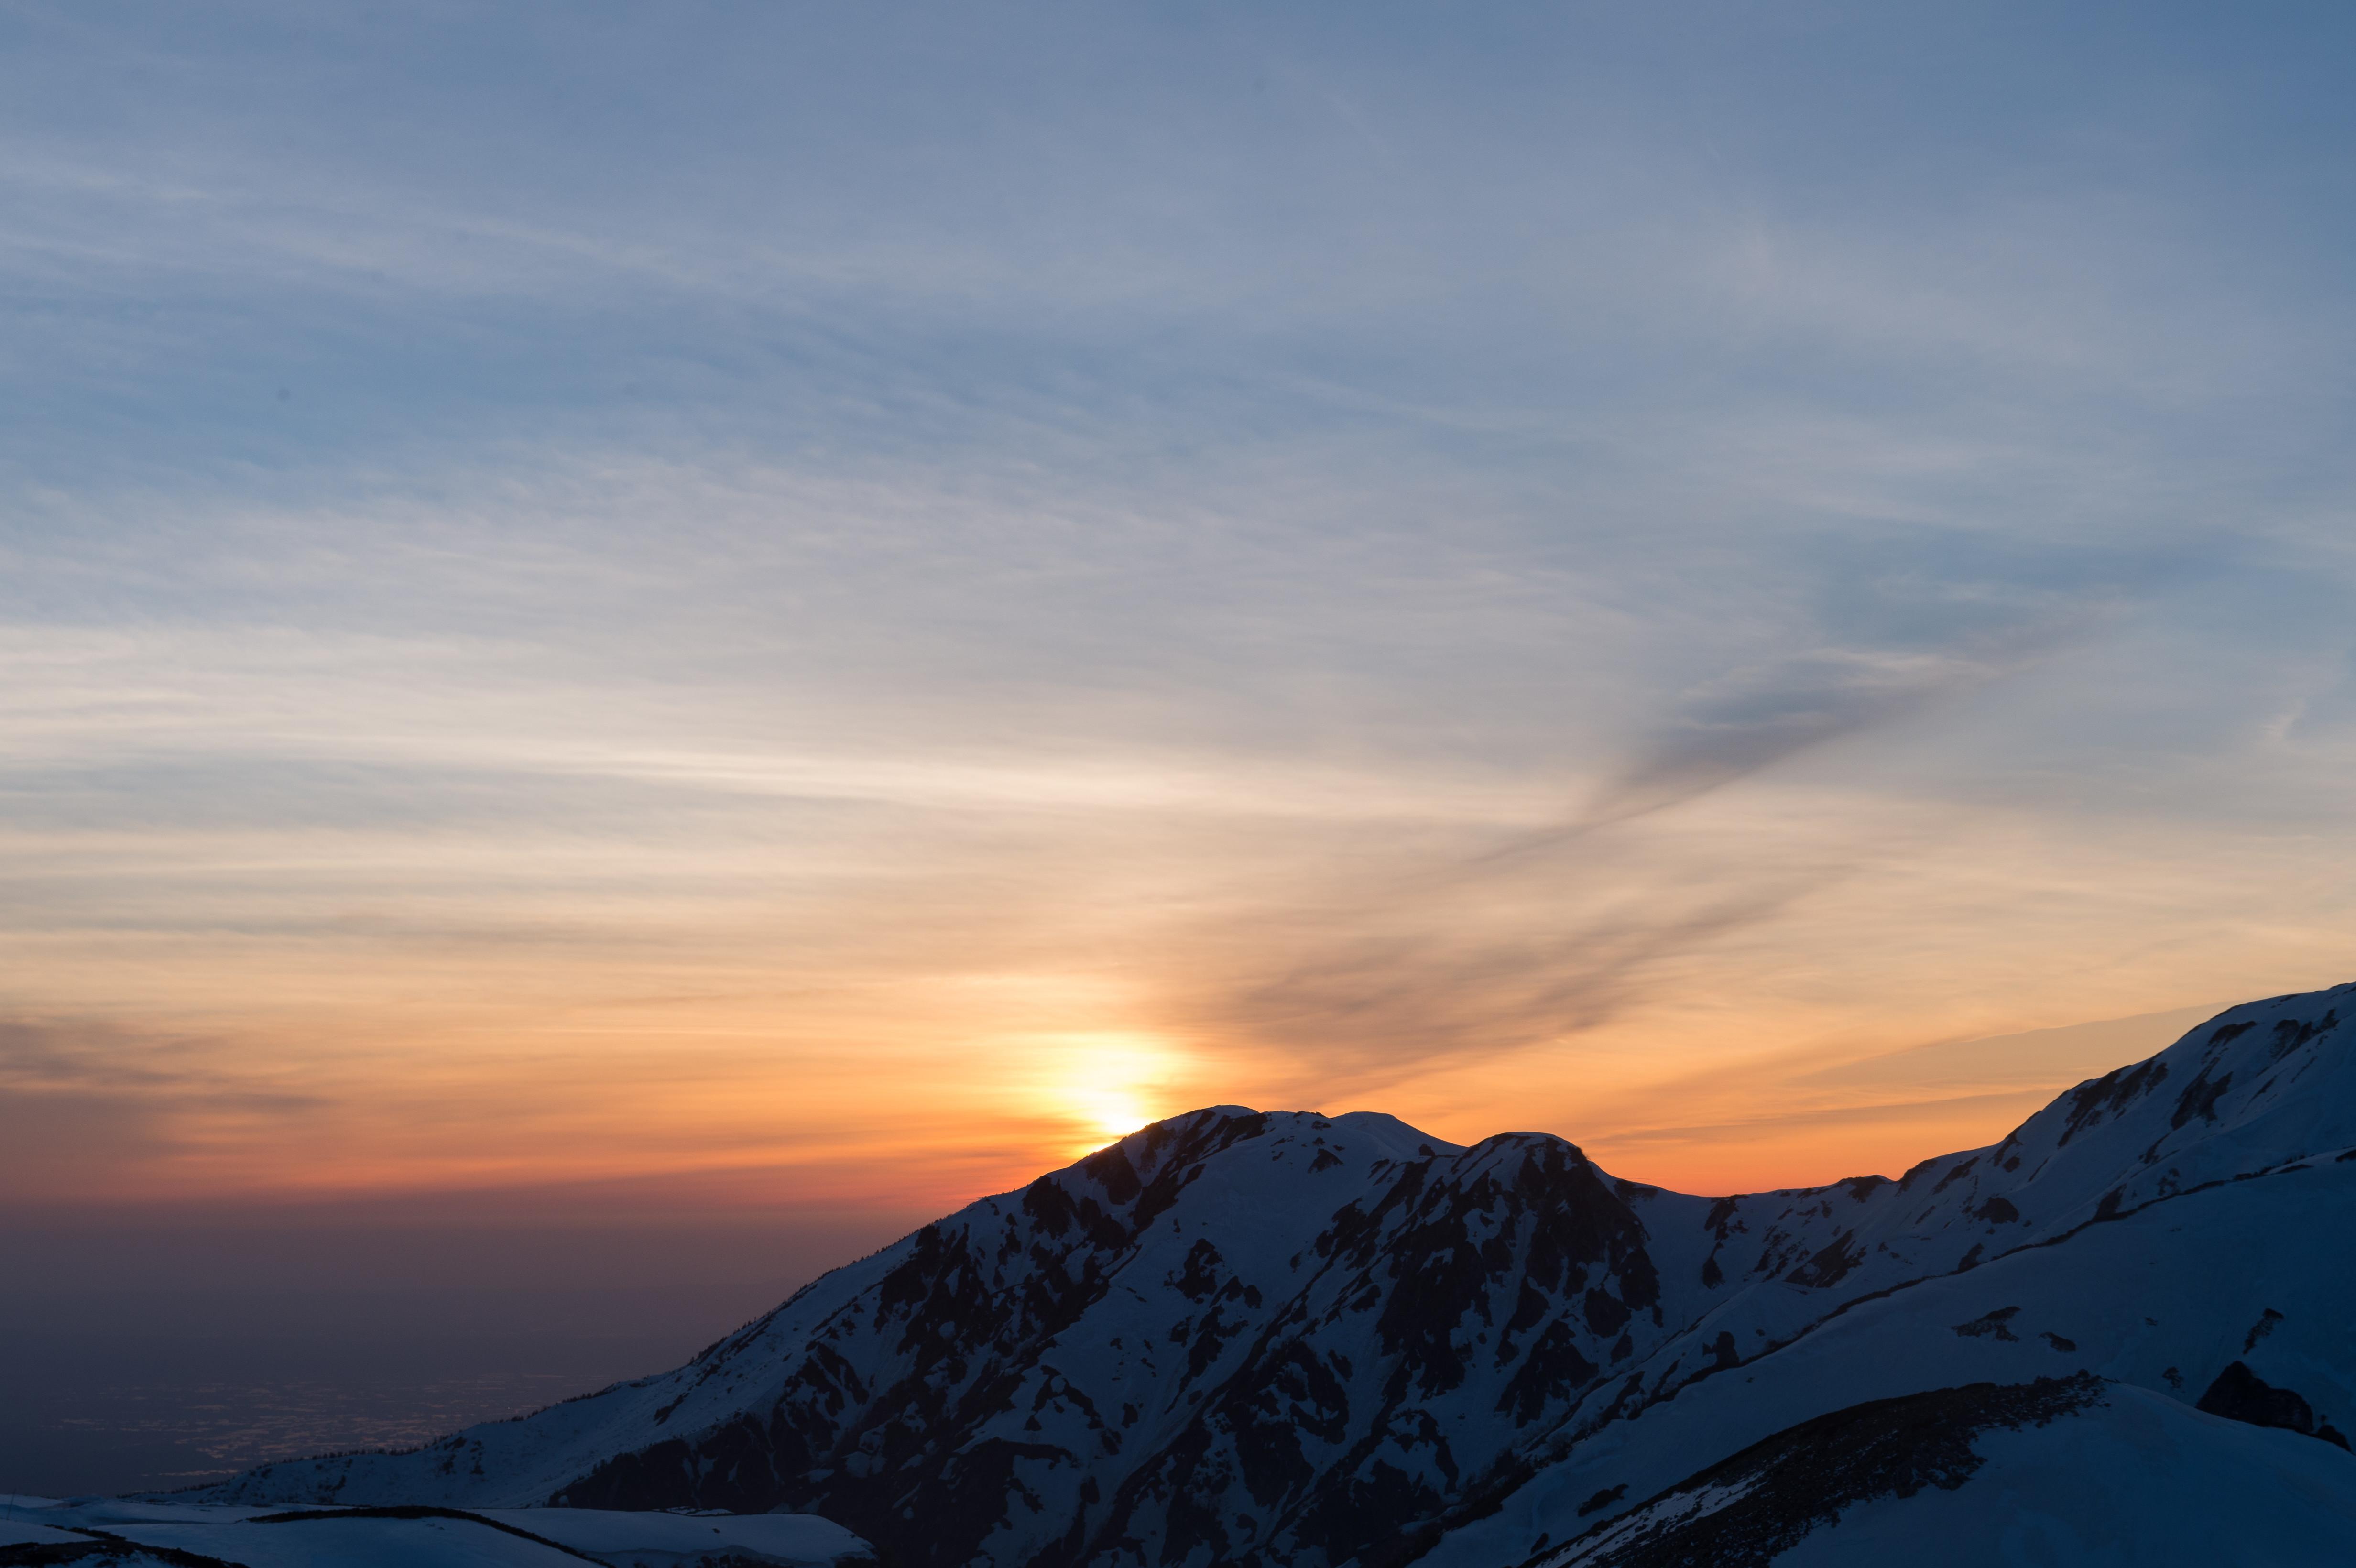 143526 скачать обои Природа, Заснеженный, Закат, Небо, Горы - заставки и картинки бесплатно